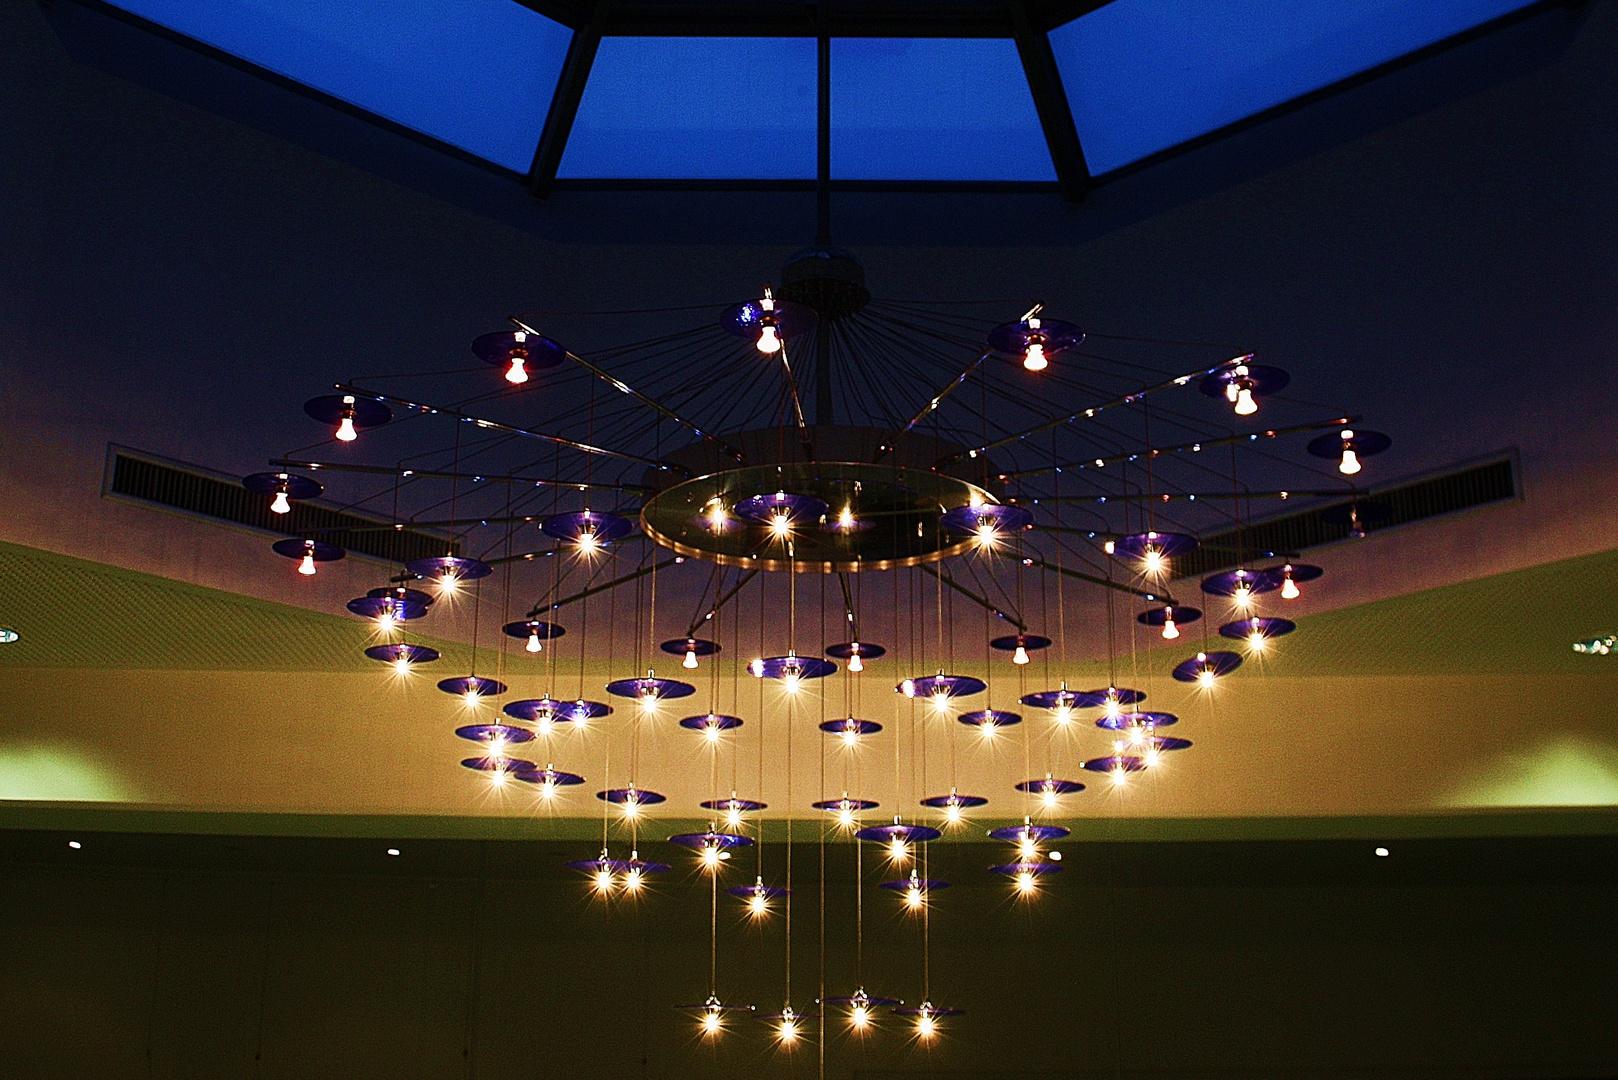 moderner kronleuchter foto bild lampen und leuchten alltagsdesign jena bilder auf. Black Bedroom Furniture Sets. Home Design Ideas